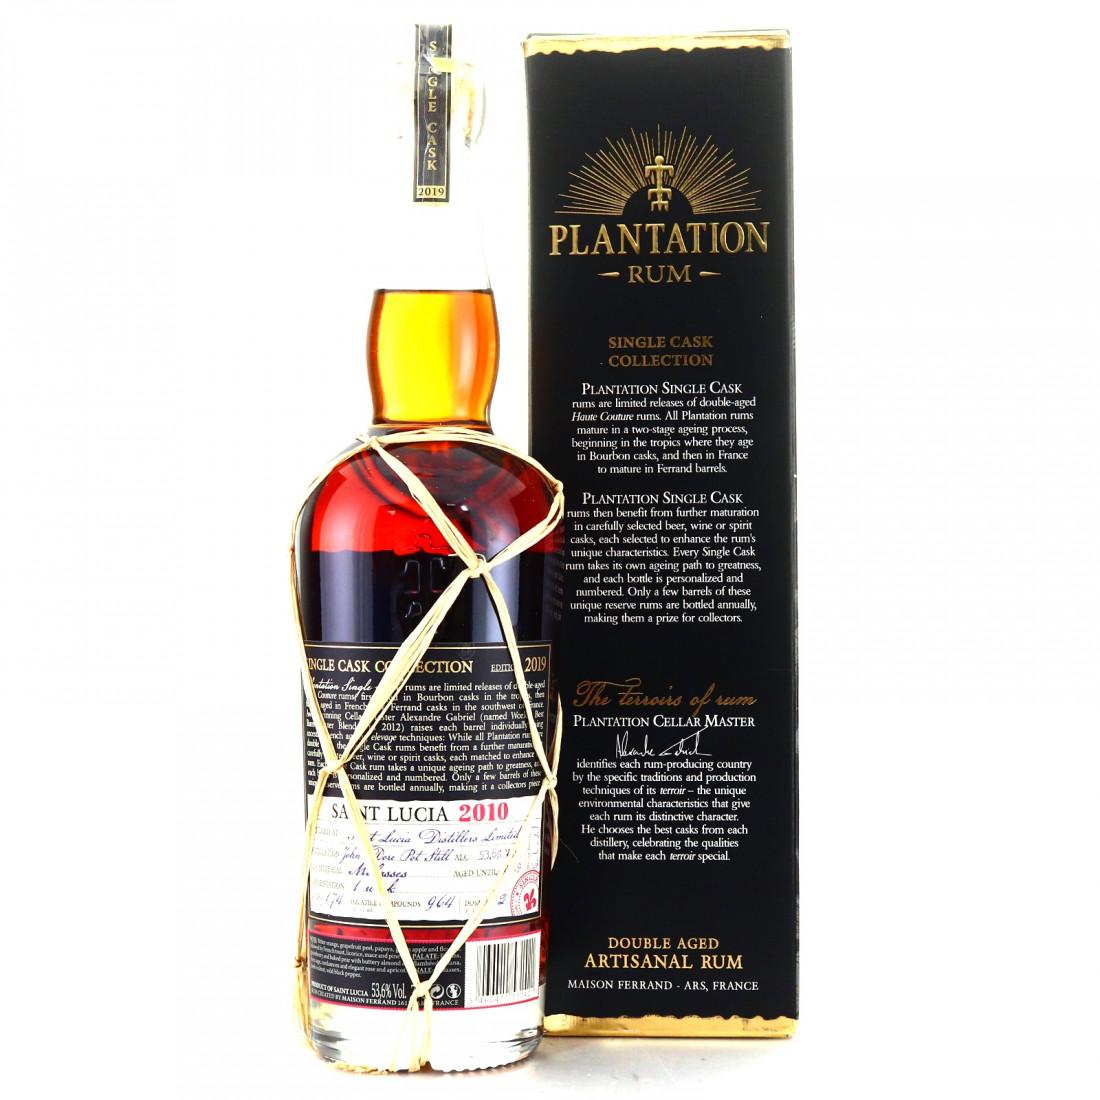 St Lucia 2010 Plantation Single Cask / Maison Ferrand | Rum Auctioneer